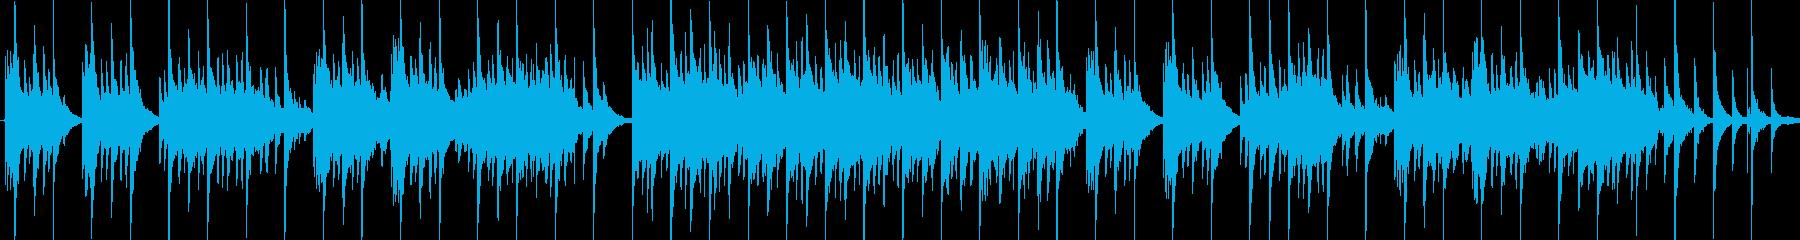 穏やかで気品のある和風楽曲の再生済みの波形